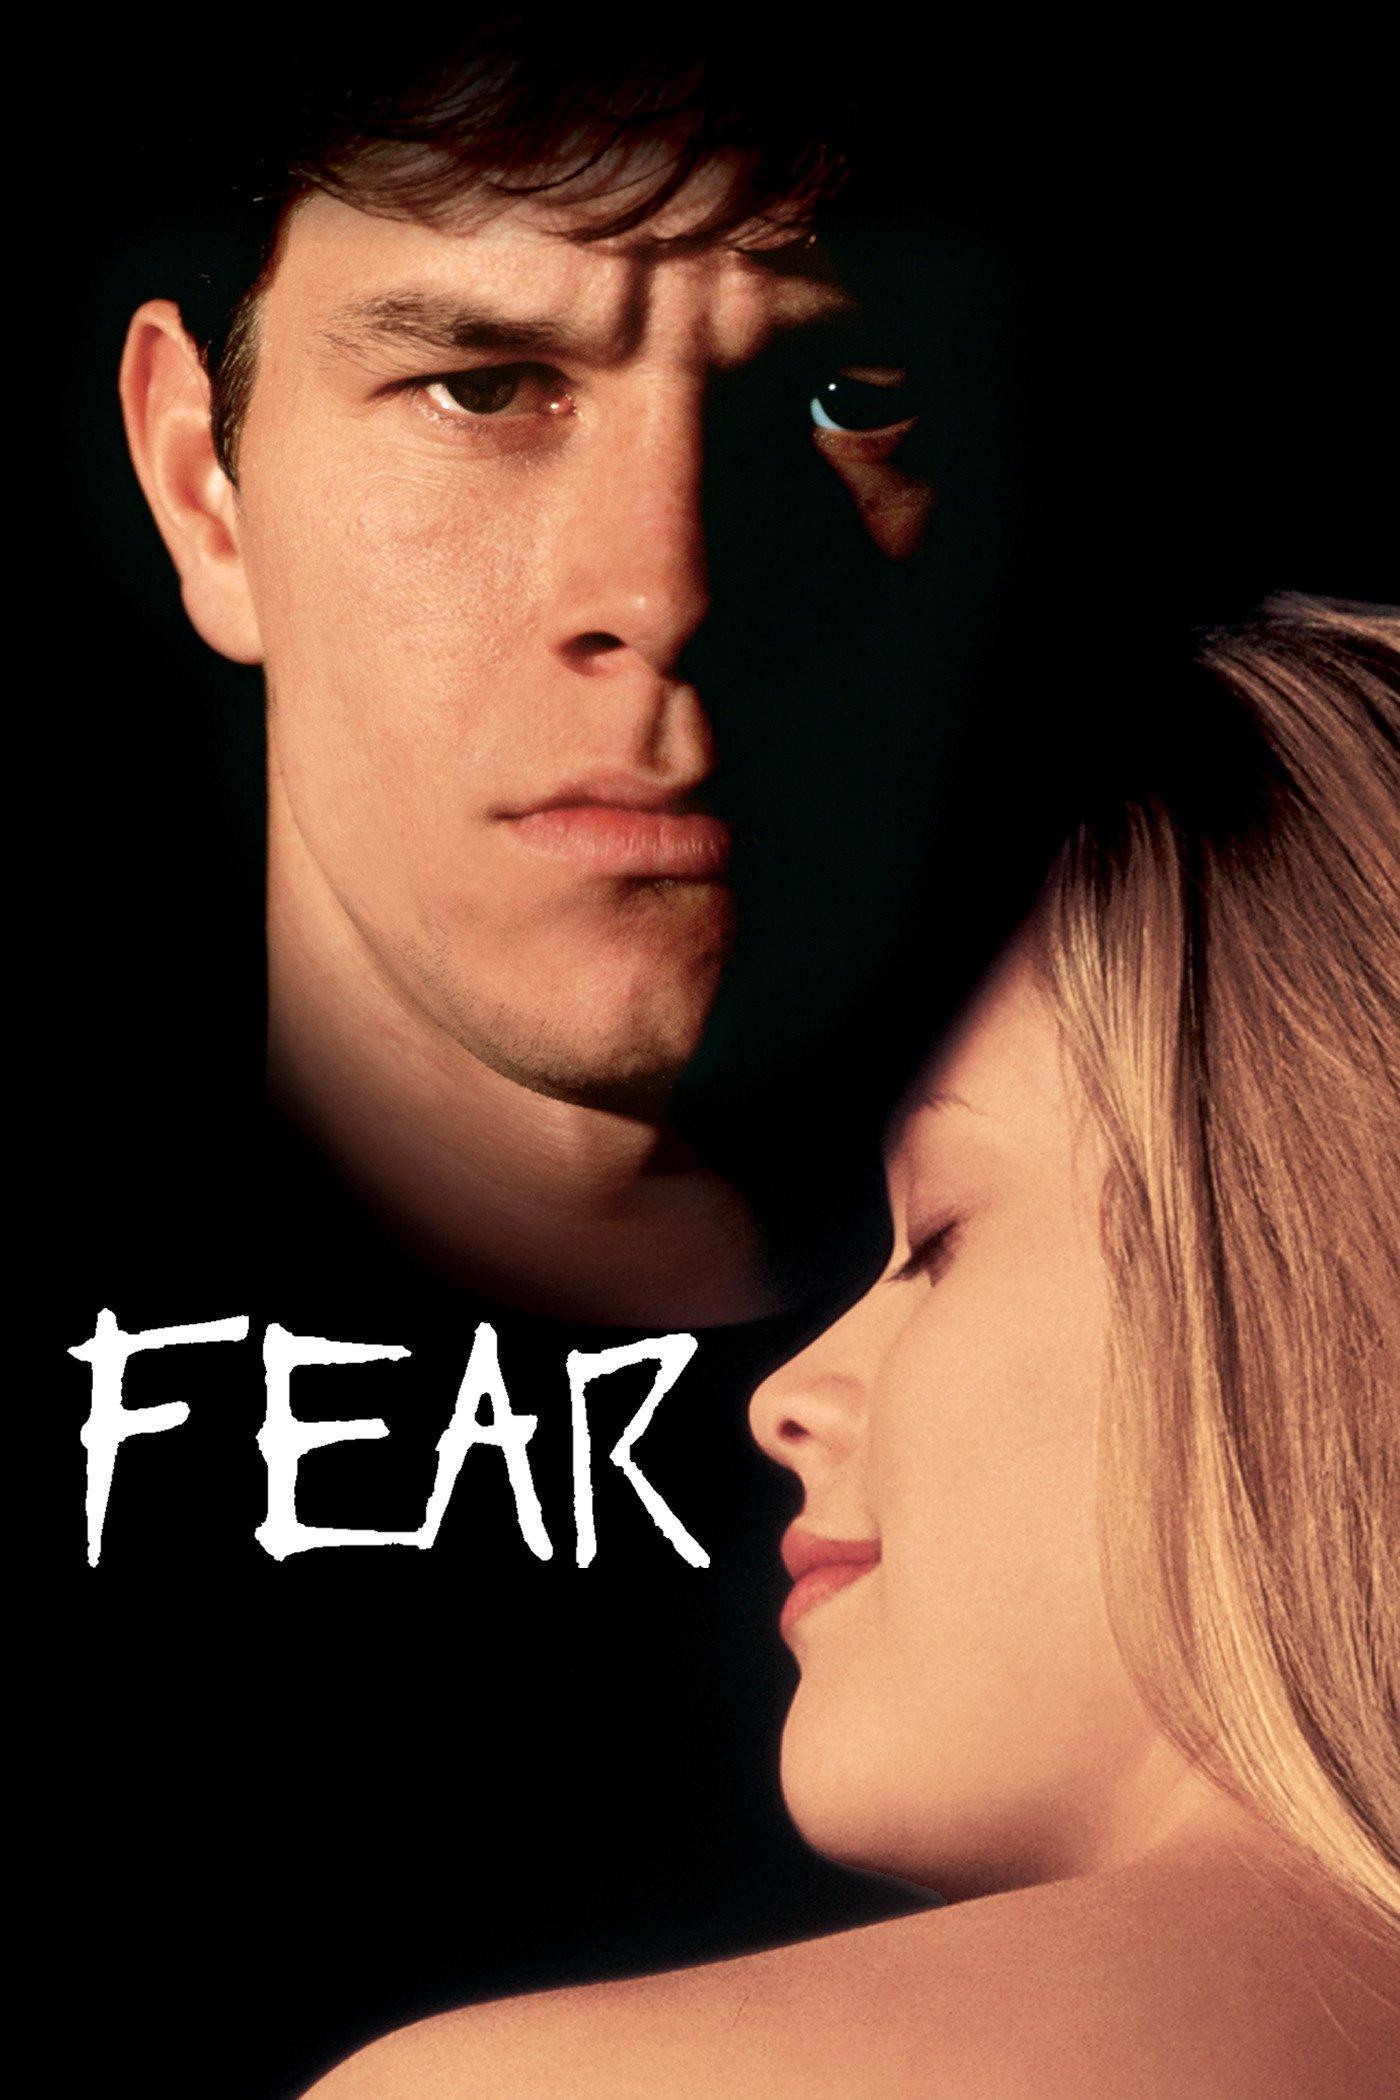 Fear, 1996